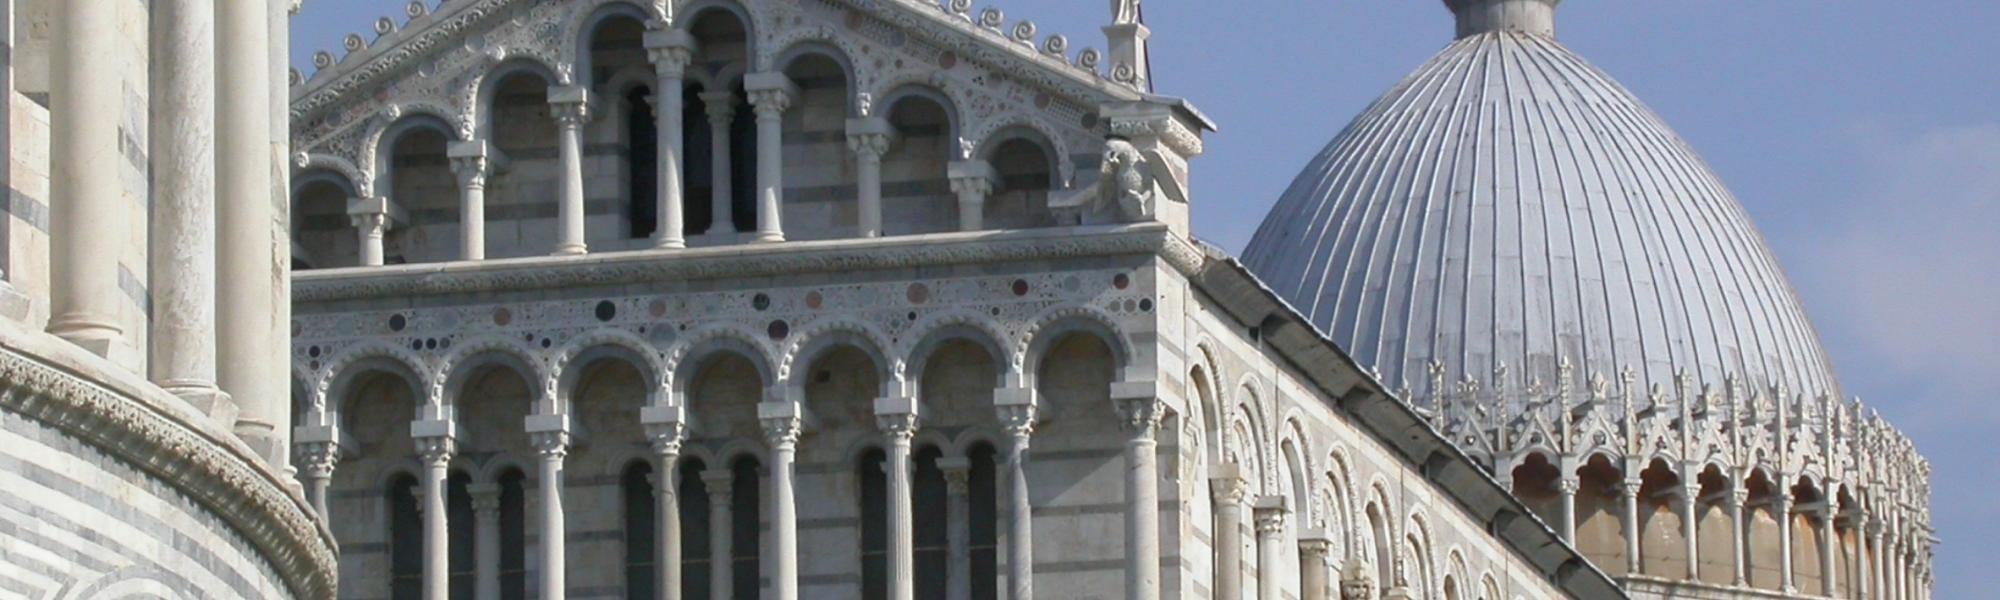 Particolari Piazza del Duomo (Opera Primaziale di Pisa)